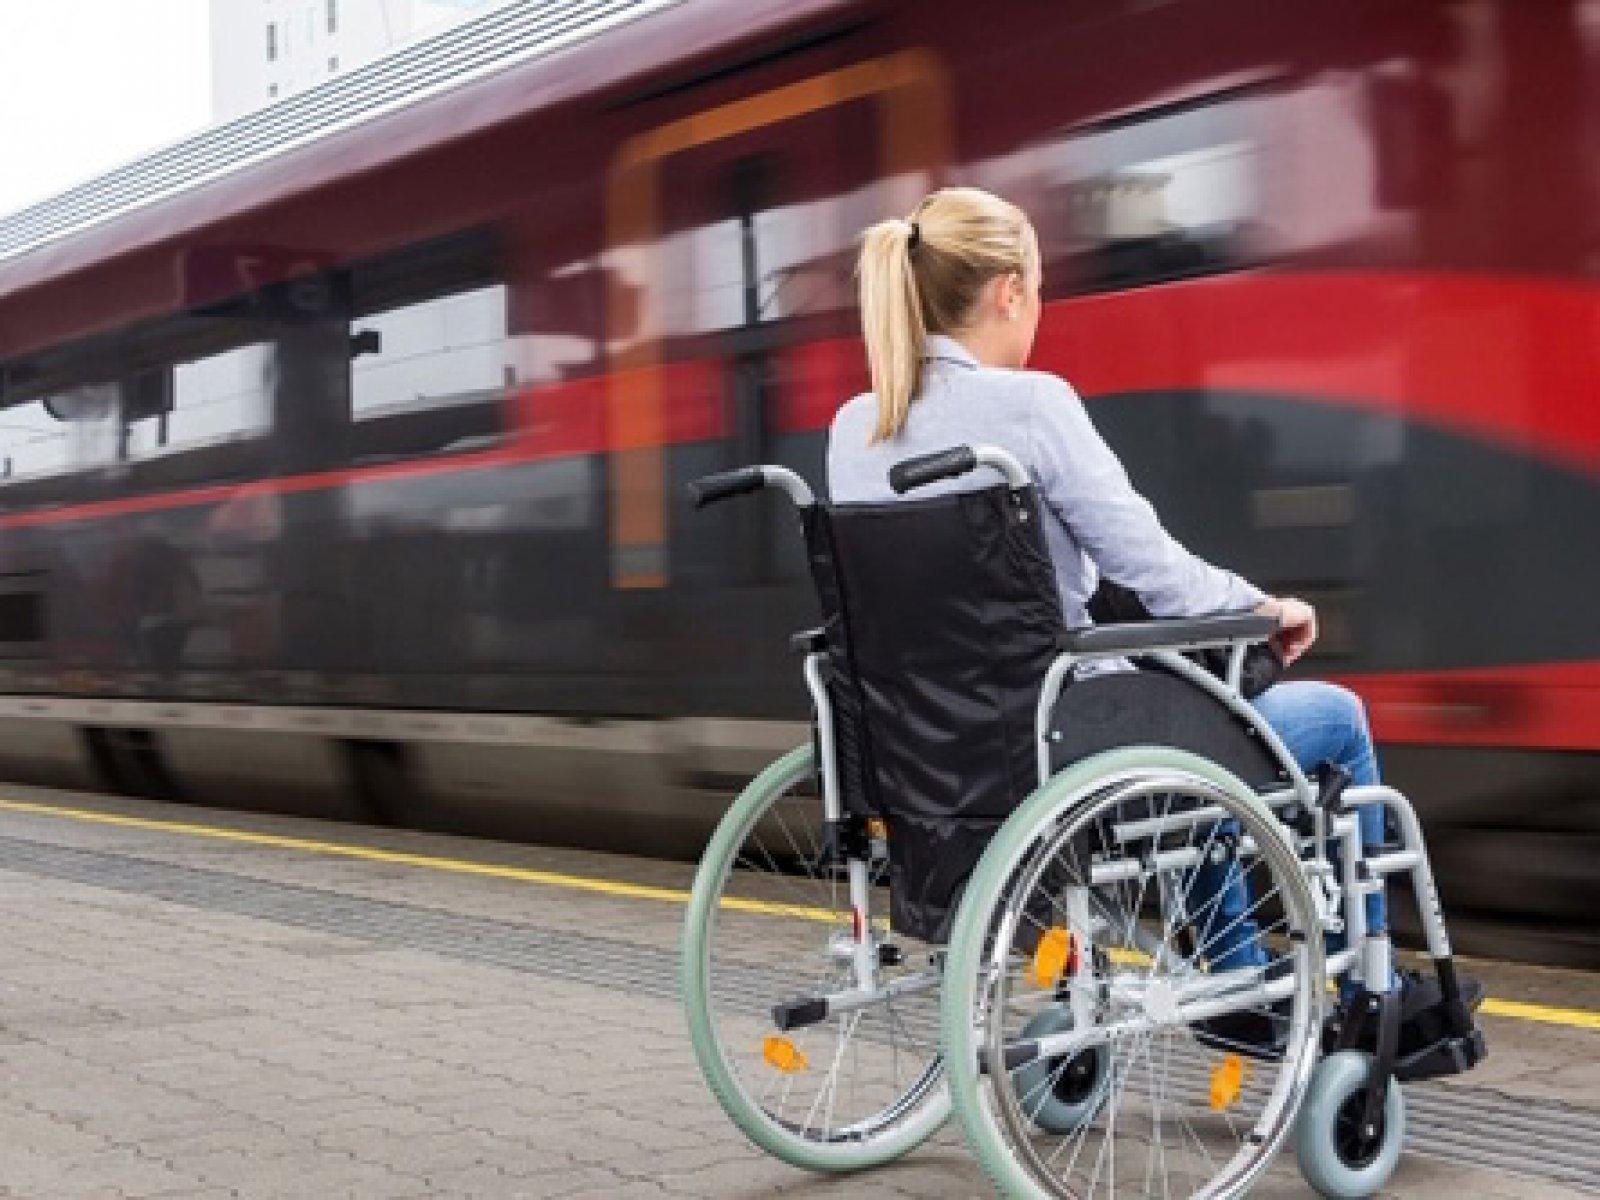 Инвалиды на креслах-колясках могут онлайн купить билеты на поезда со специальными местами